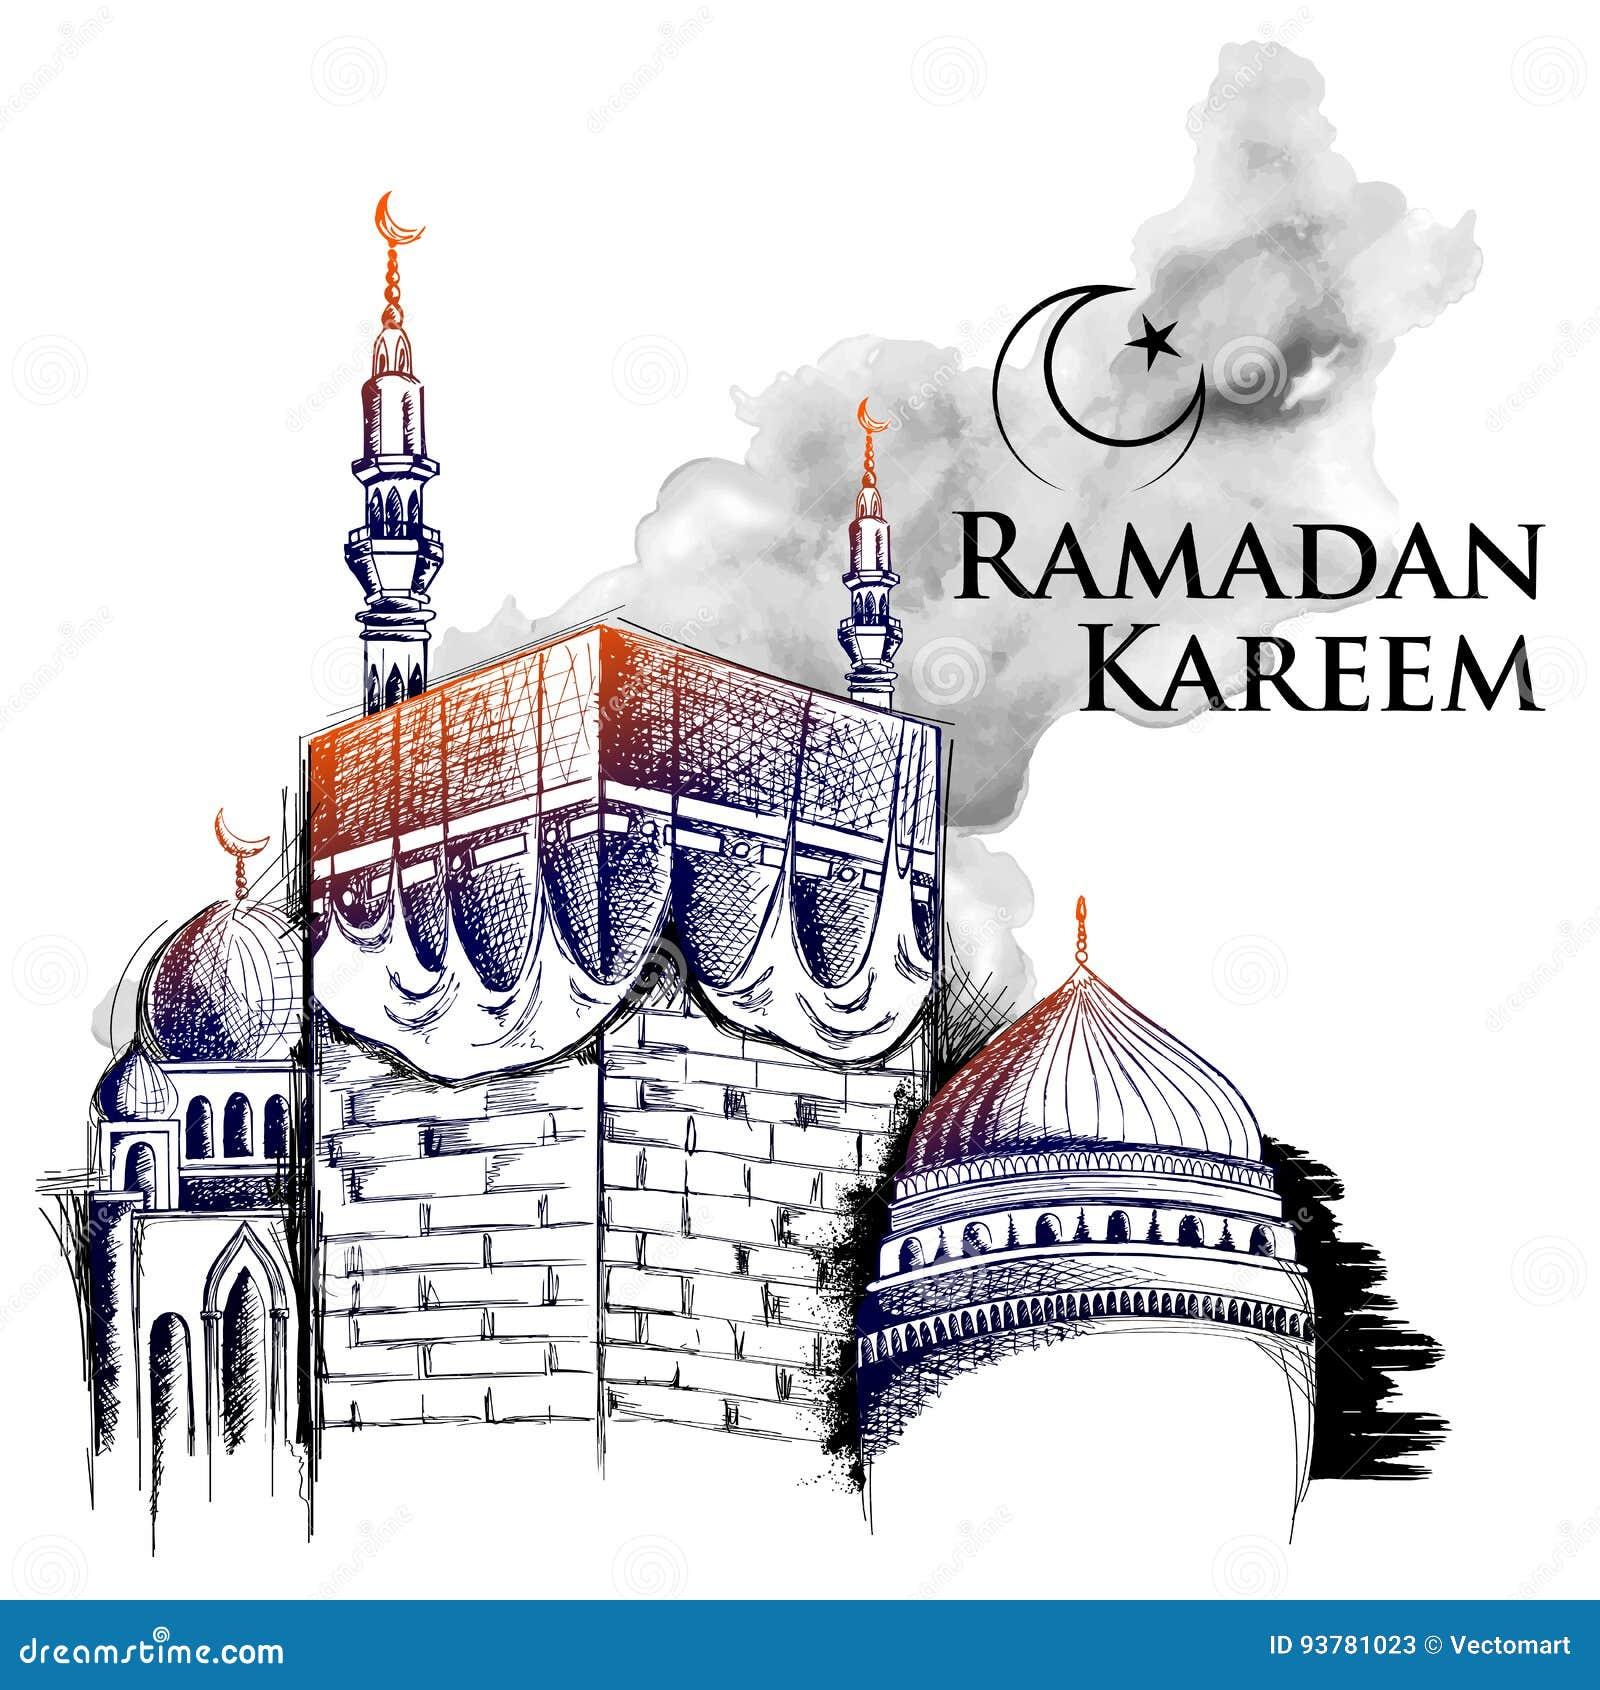 Ramadan Kareem Generous Ramadan hälsningar för den religiösa festivalen Eid för islam med freehand skissar Meckabyggnad